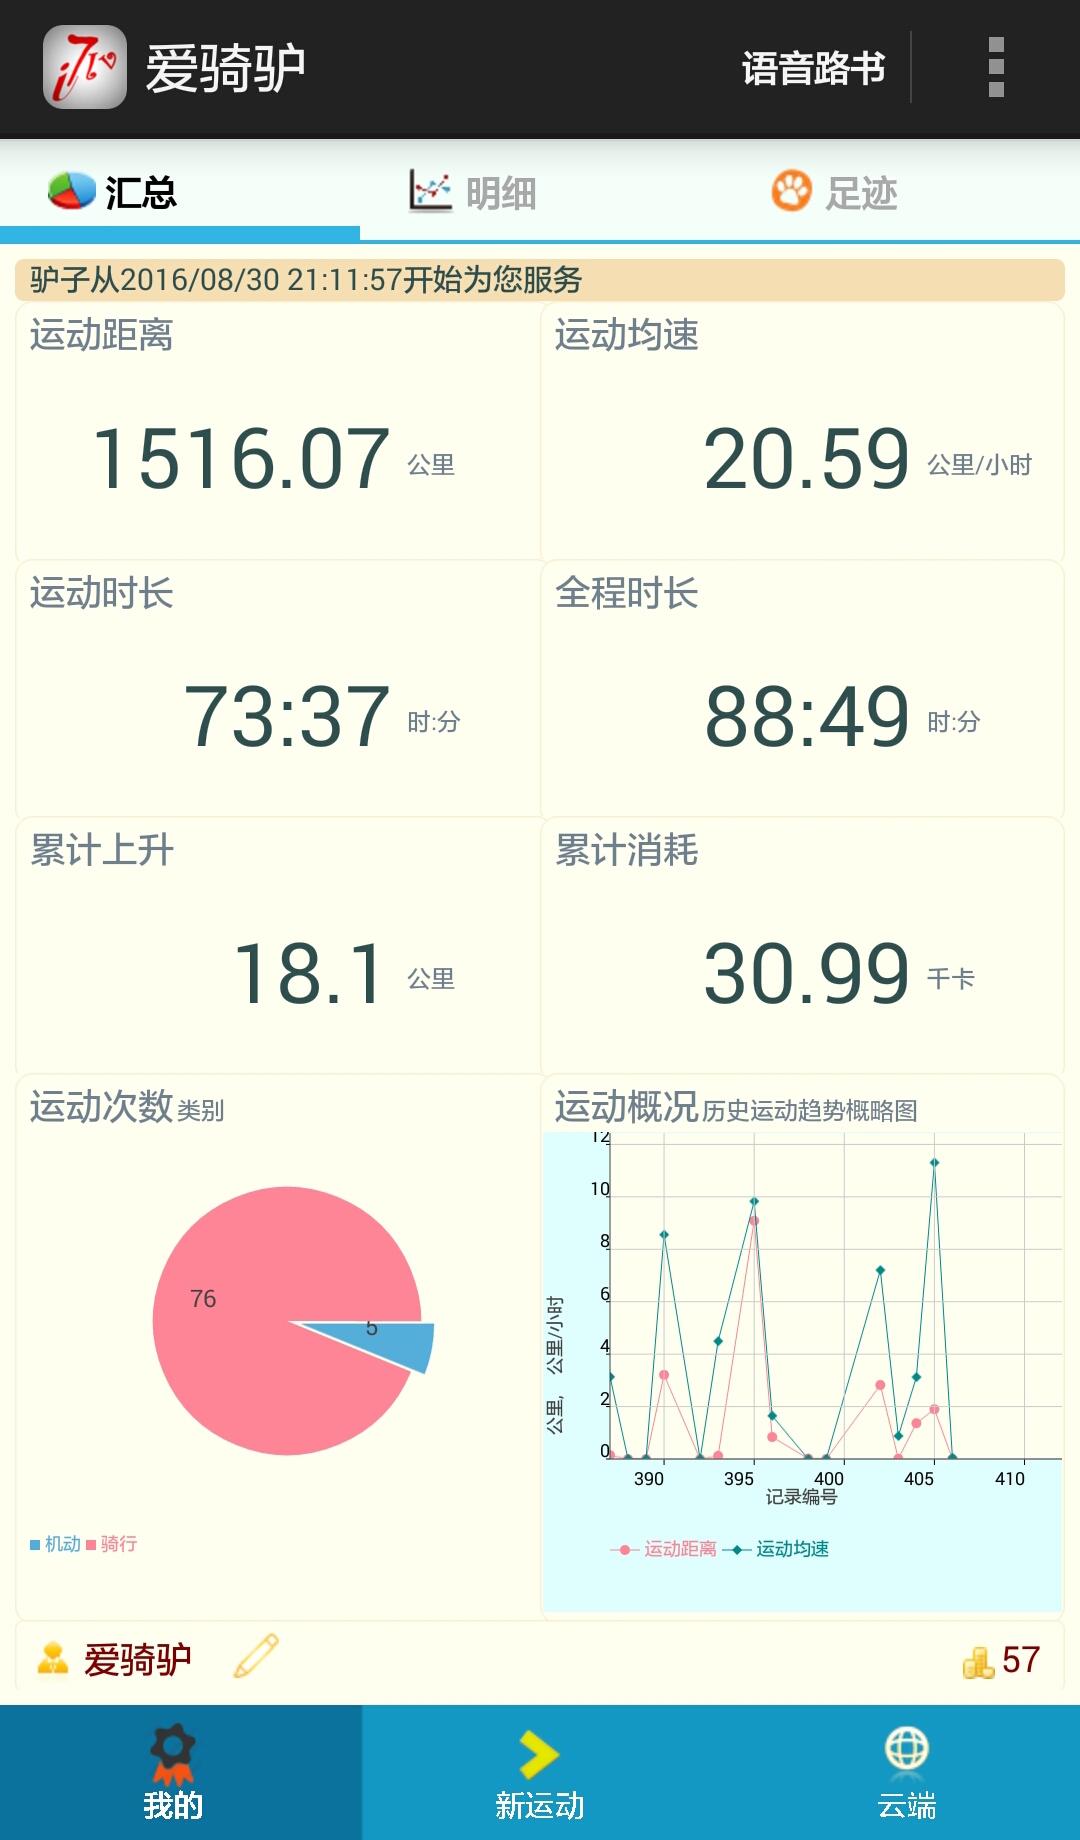 爱骑驴骑车导航软件下载app手机版图1: